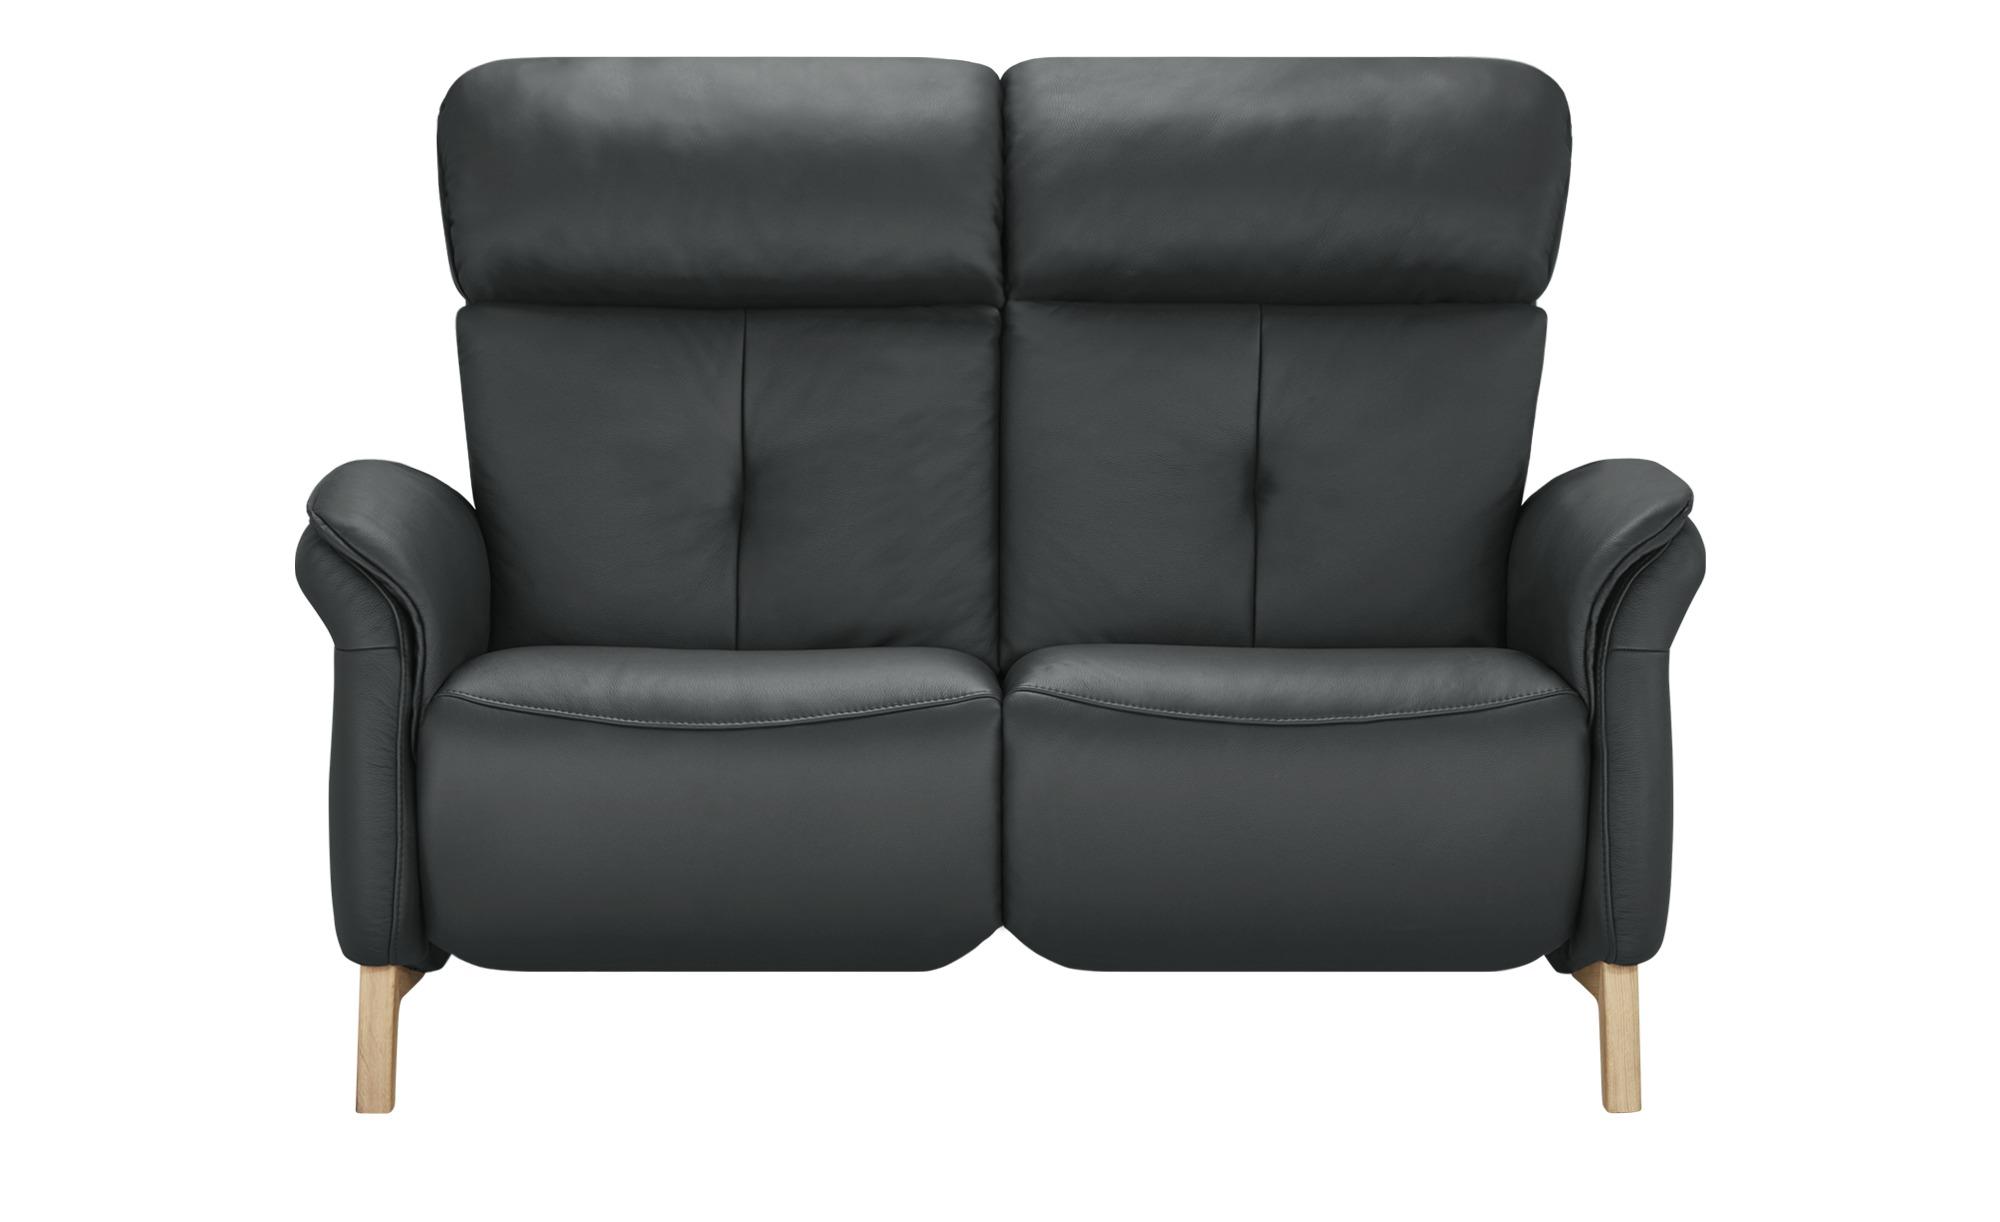 himolla Einzelsofa  4708 ¦ schwarz ¦ Maße (cm): B: 147 H: 97 T: 106 Polstermöbel > Sofas > 2-Sitzer - Höffner